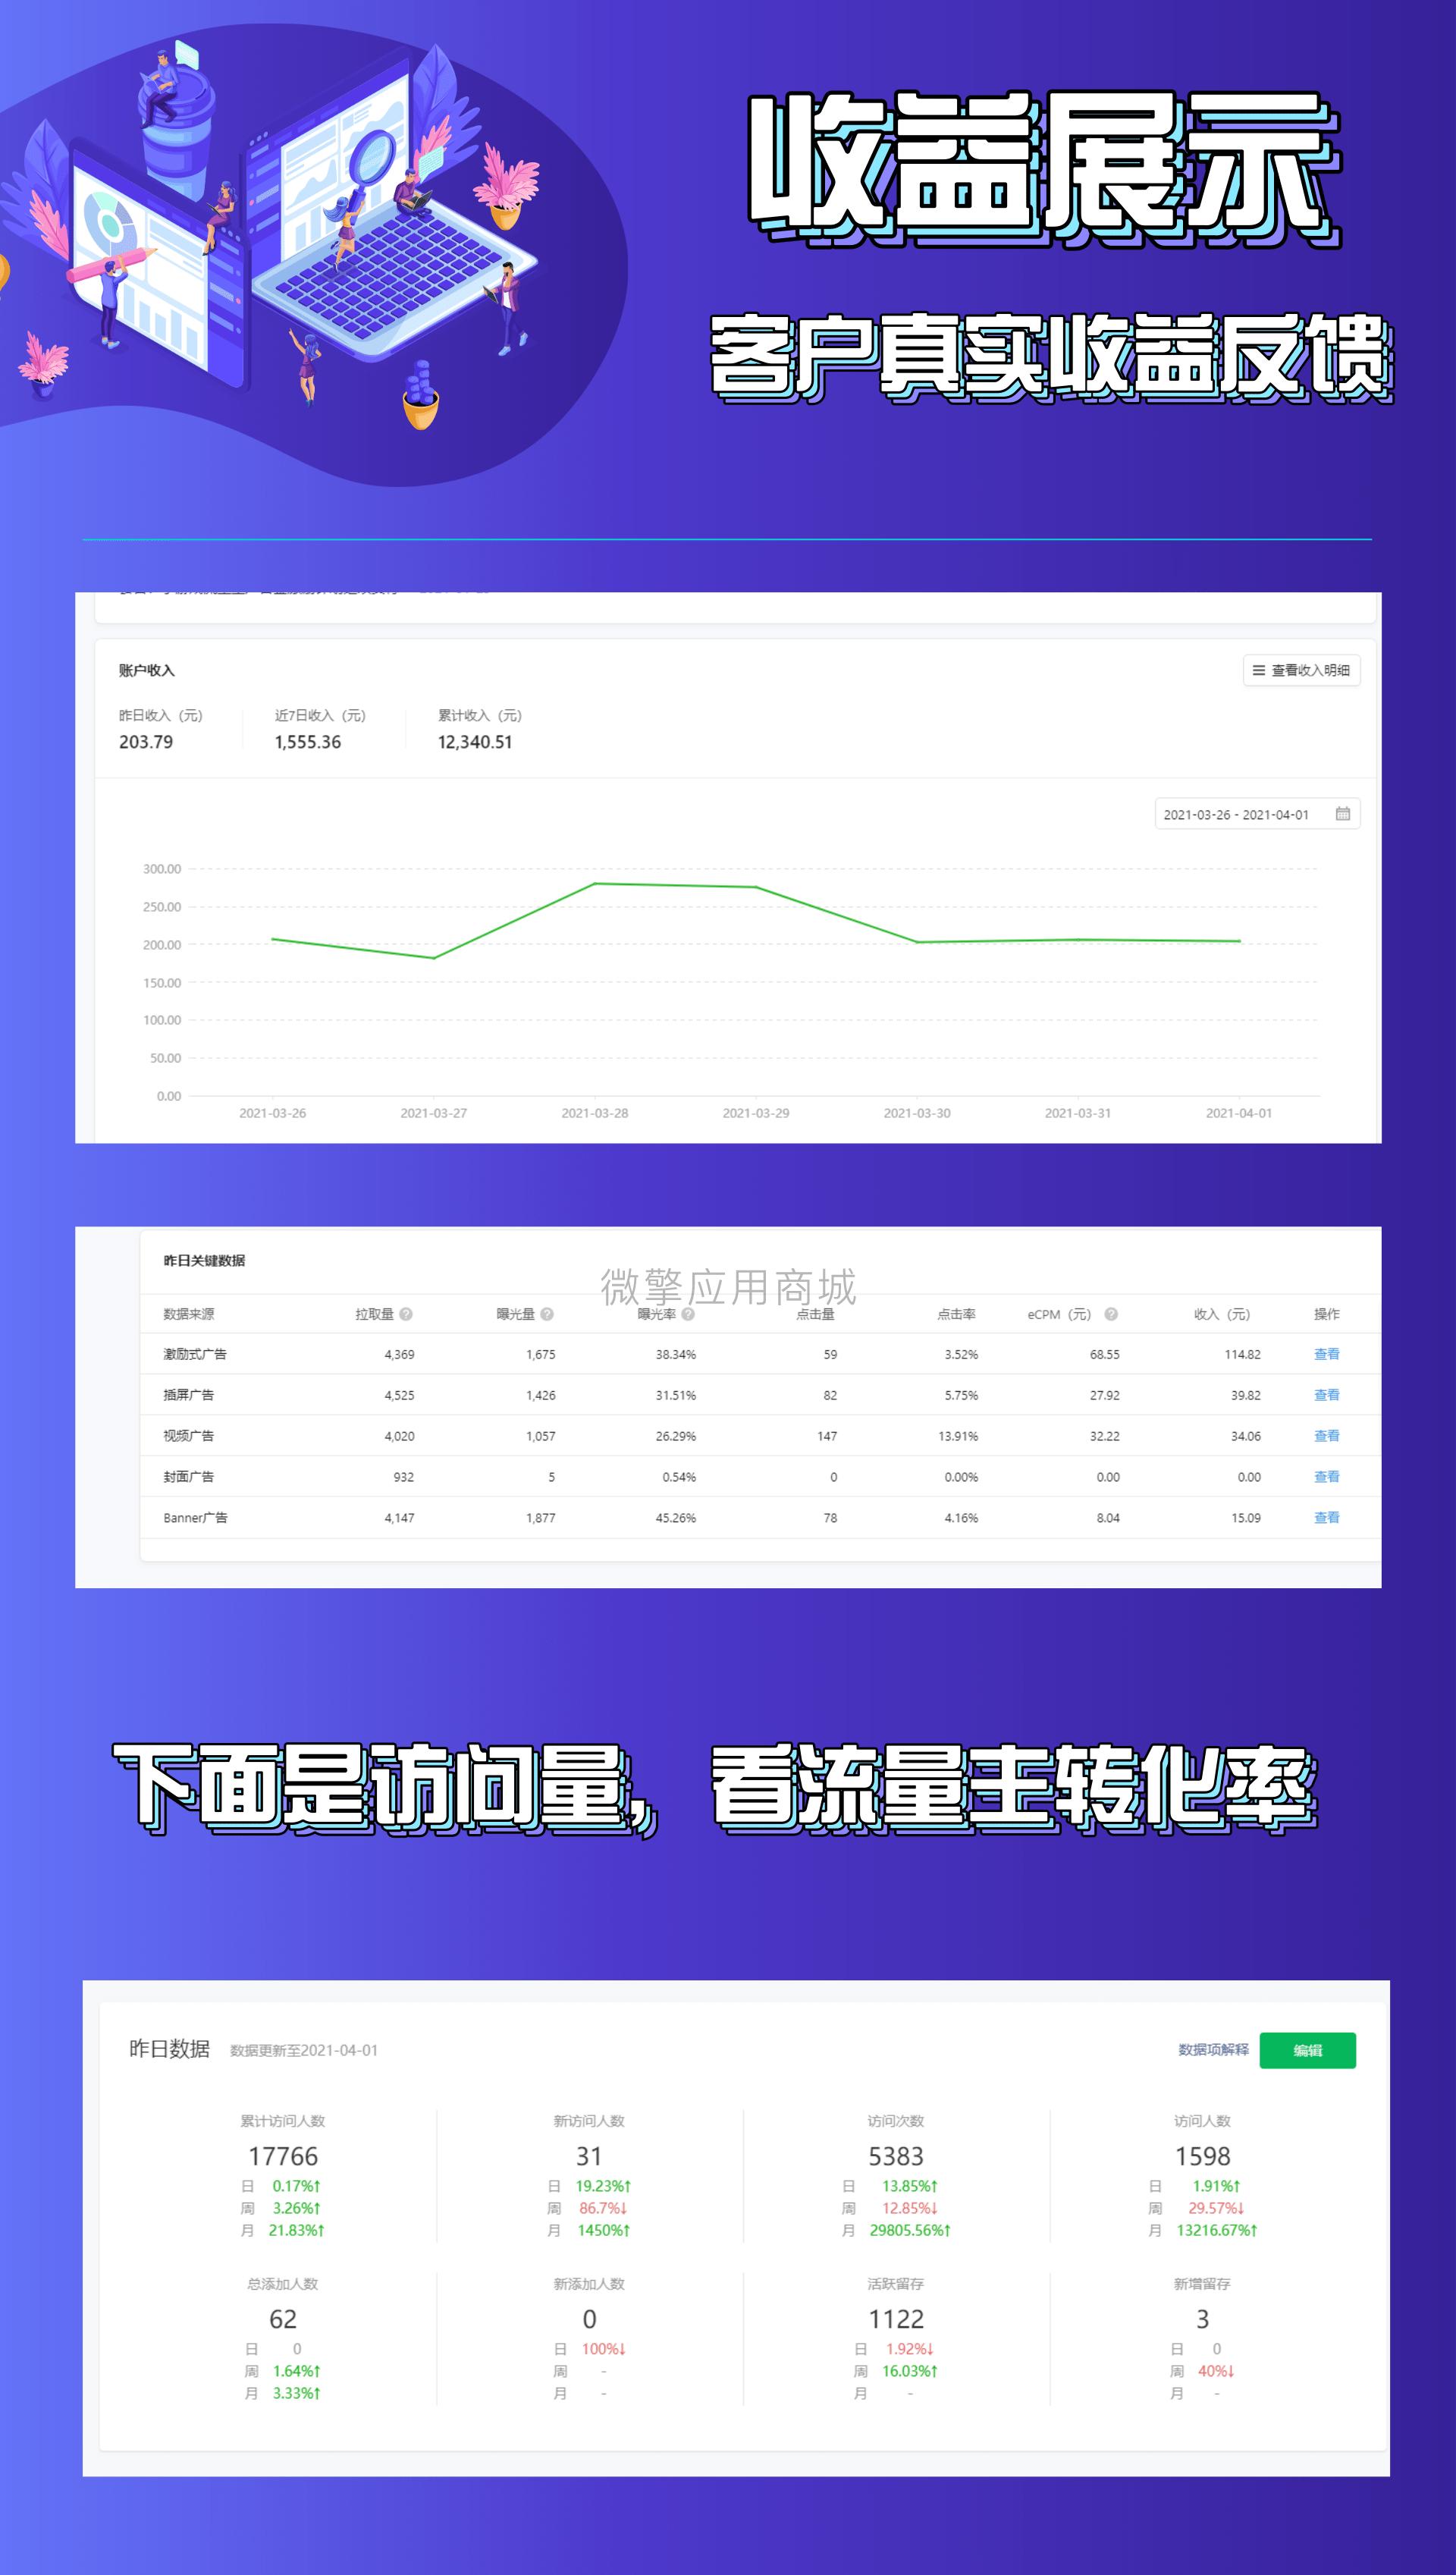 蓝色行业收入报告数据分析手机海报.png